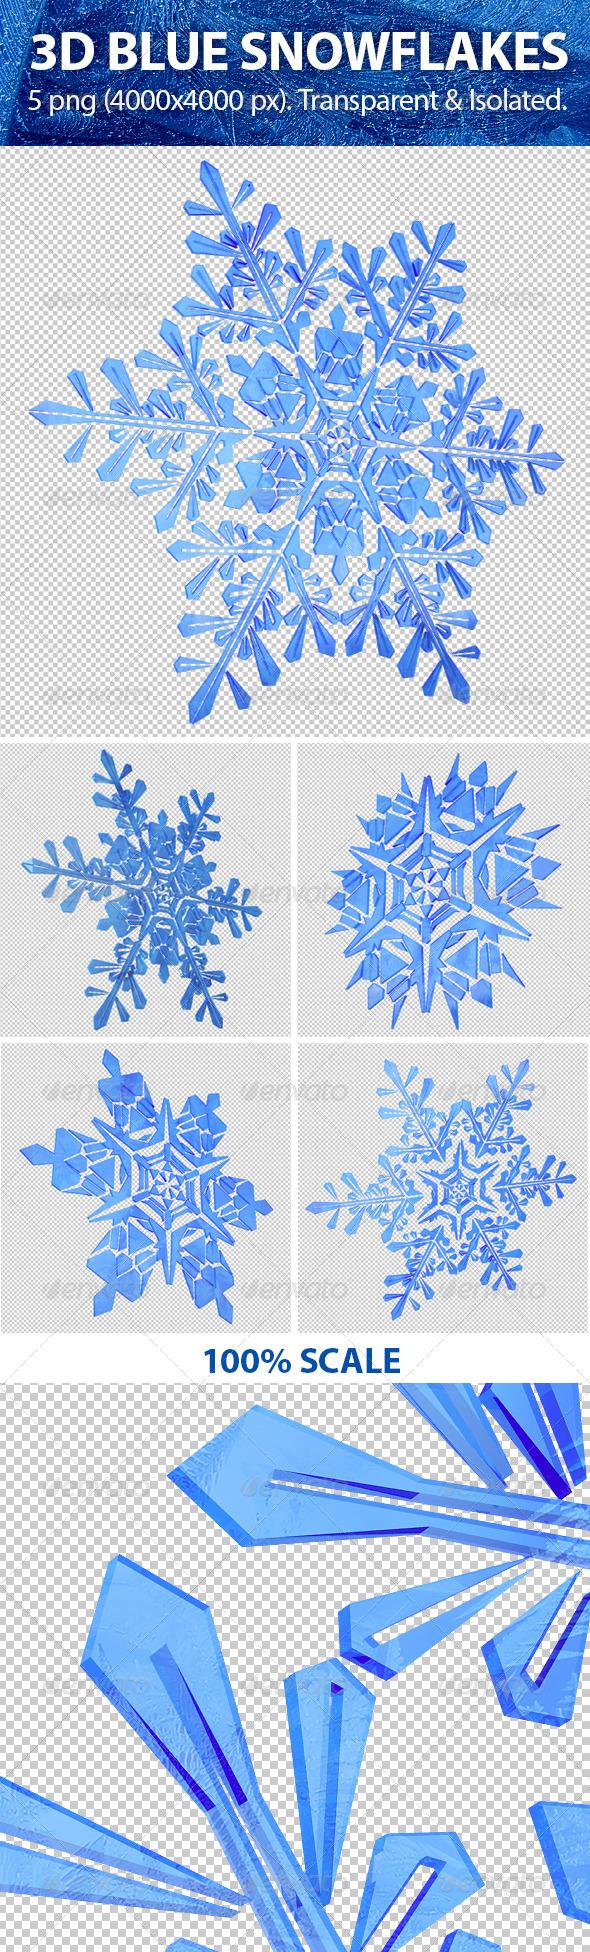 GraphicRiver 3D Blue Snowflakes 5980400